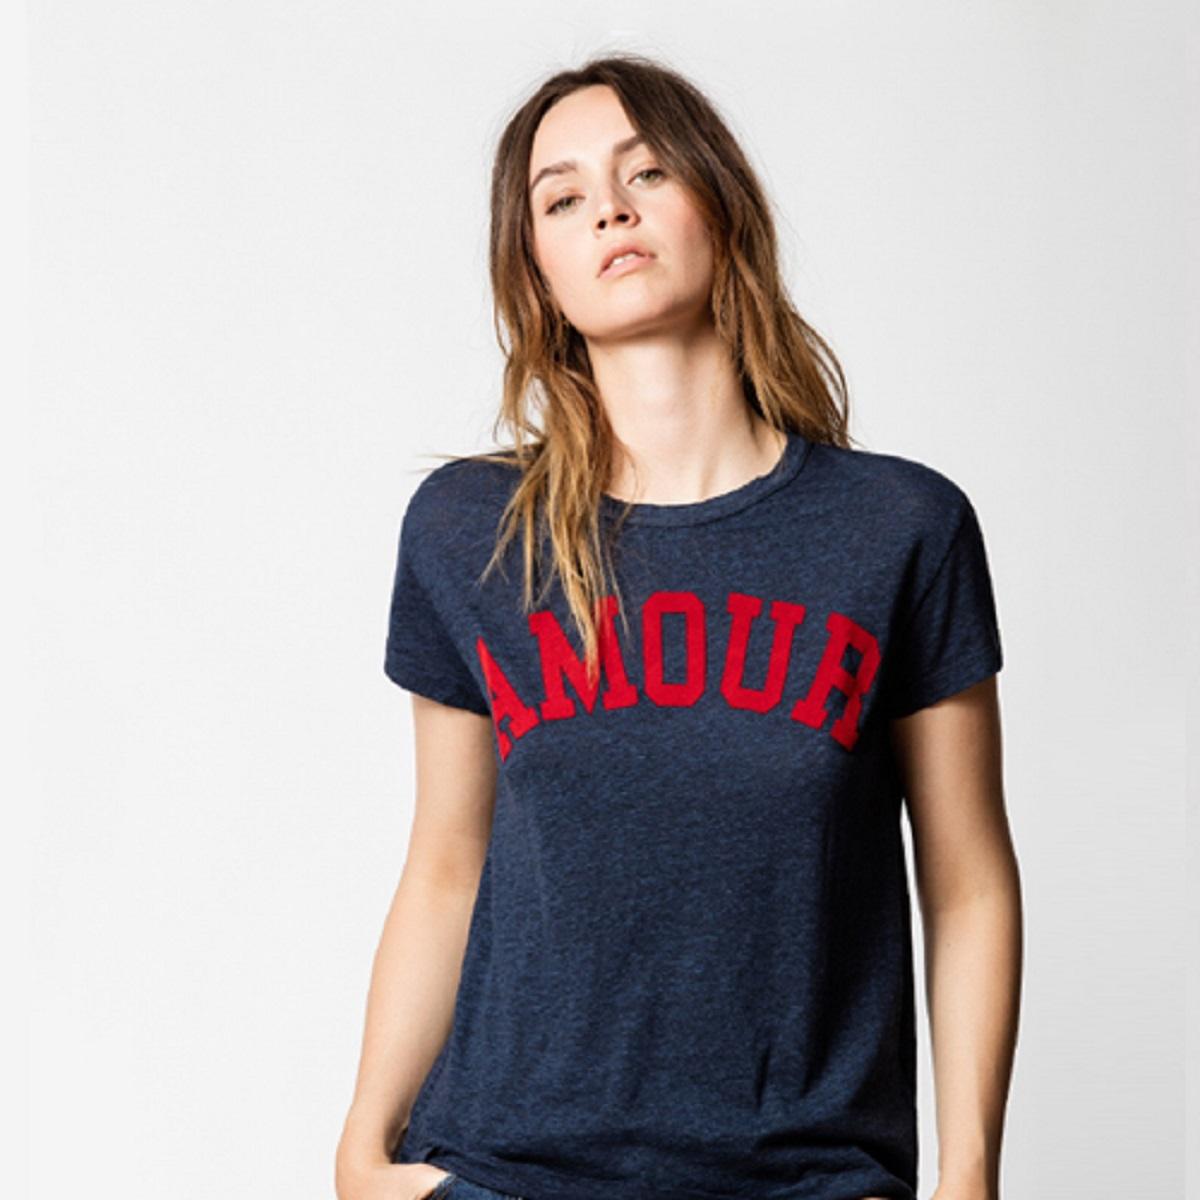 Áo thun T-shirt Nữ là phong cách thời trang luôn được ưa chuộng nhất